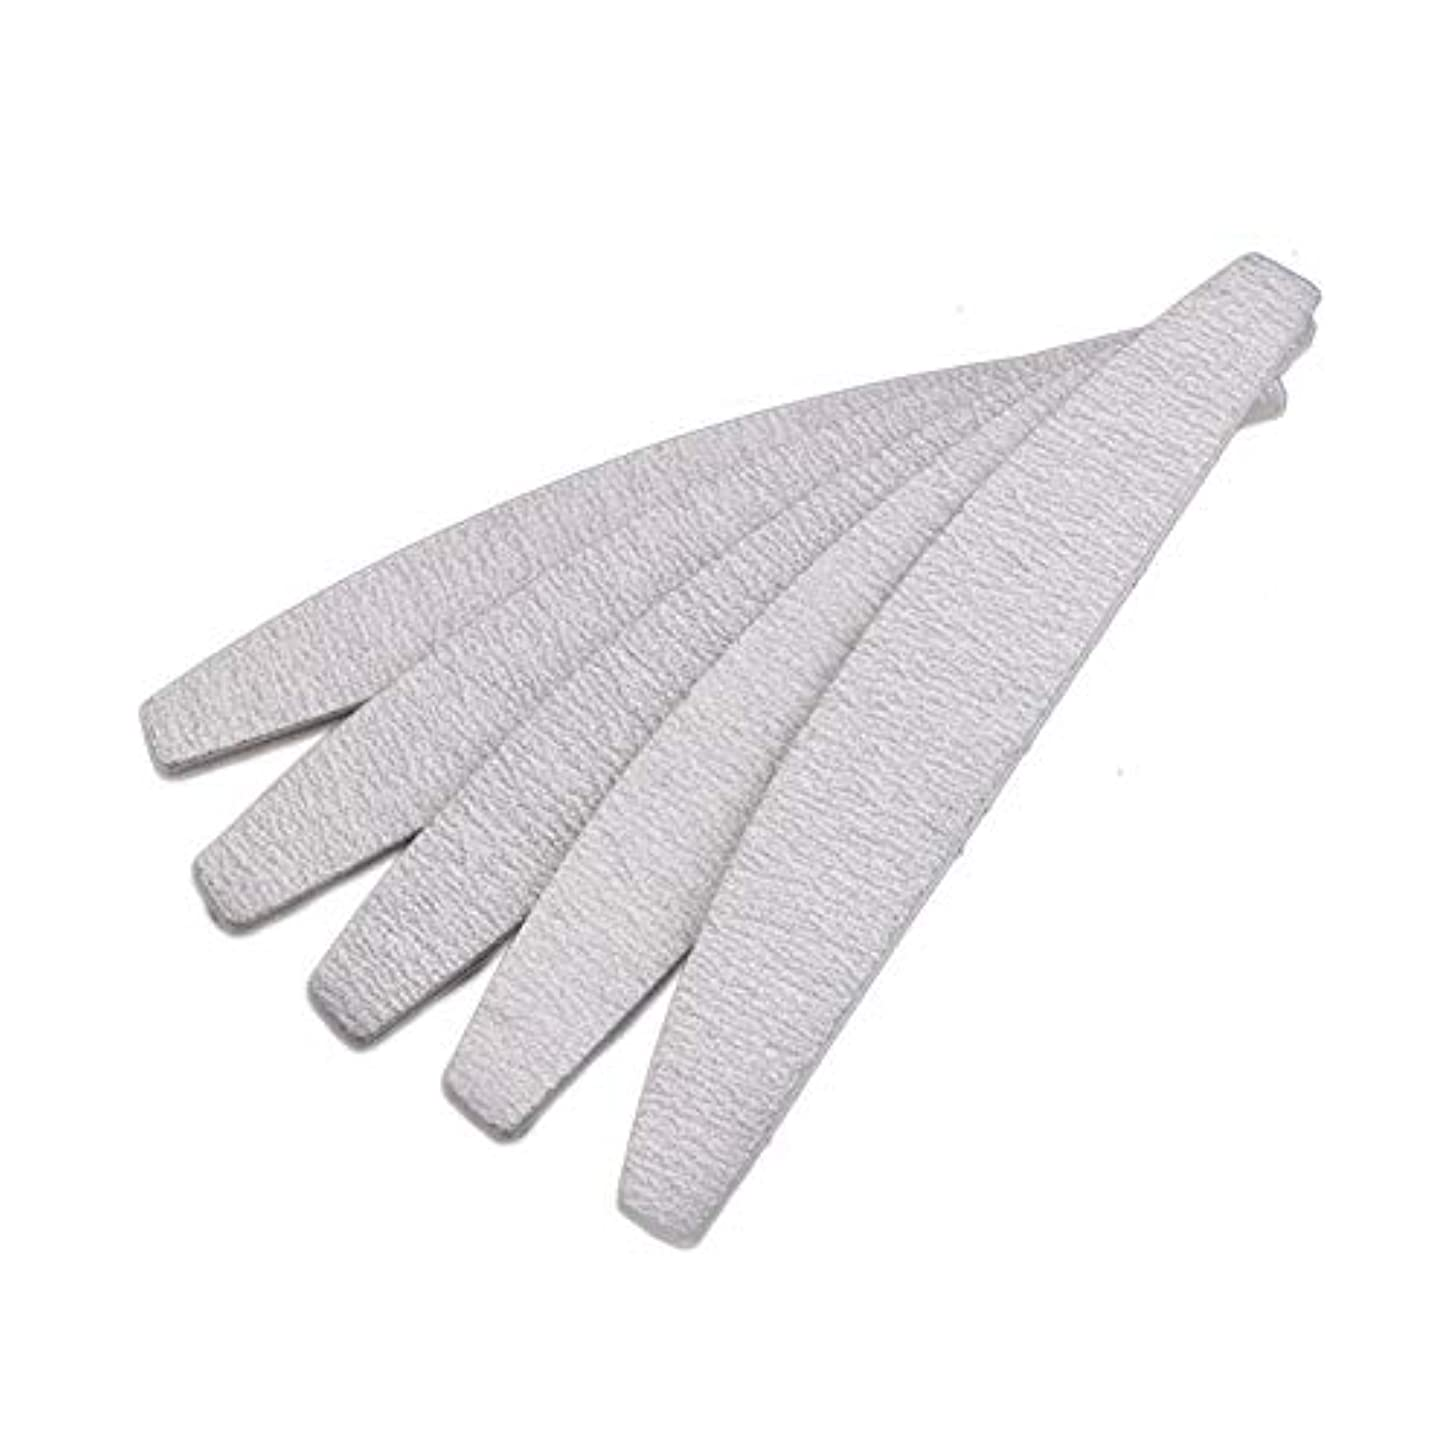 Semoic 爪やすり ネイルファイル、D形、両面、灰白/オフホワイト、10個